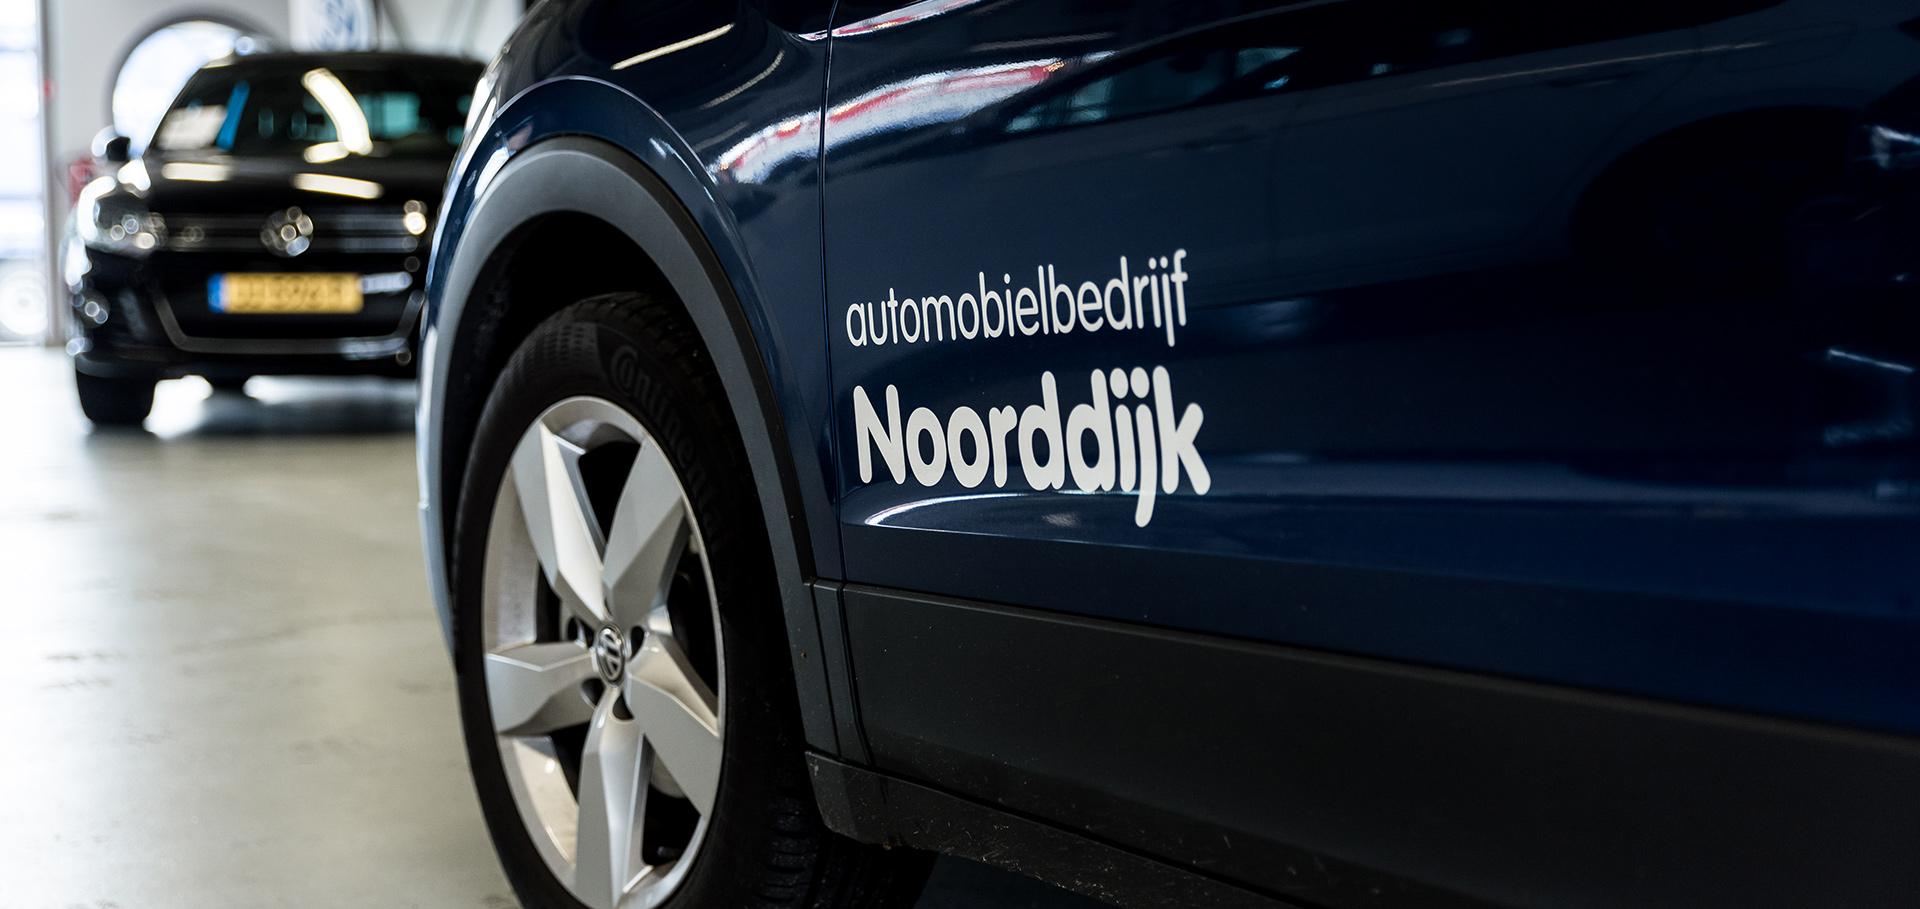 Pechservice Noorddijk Maassluis